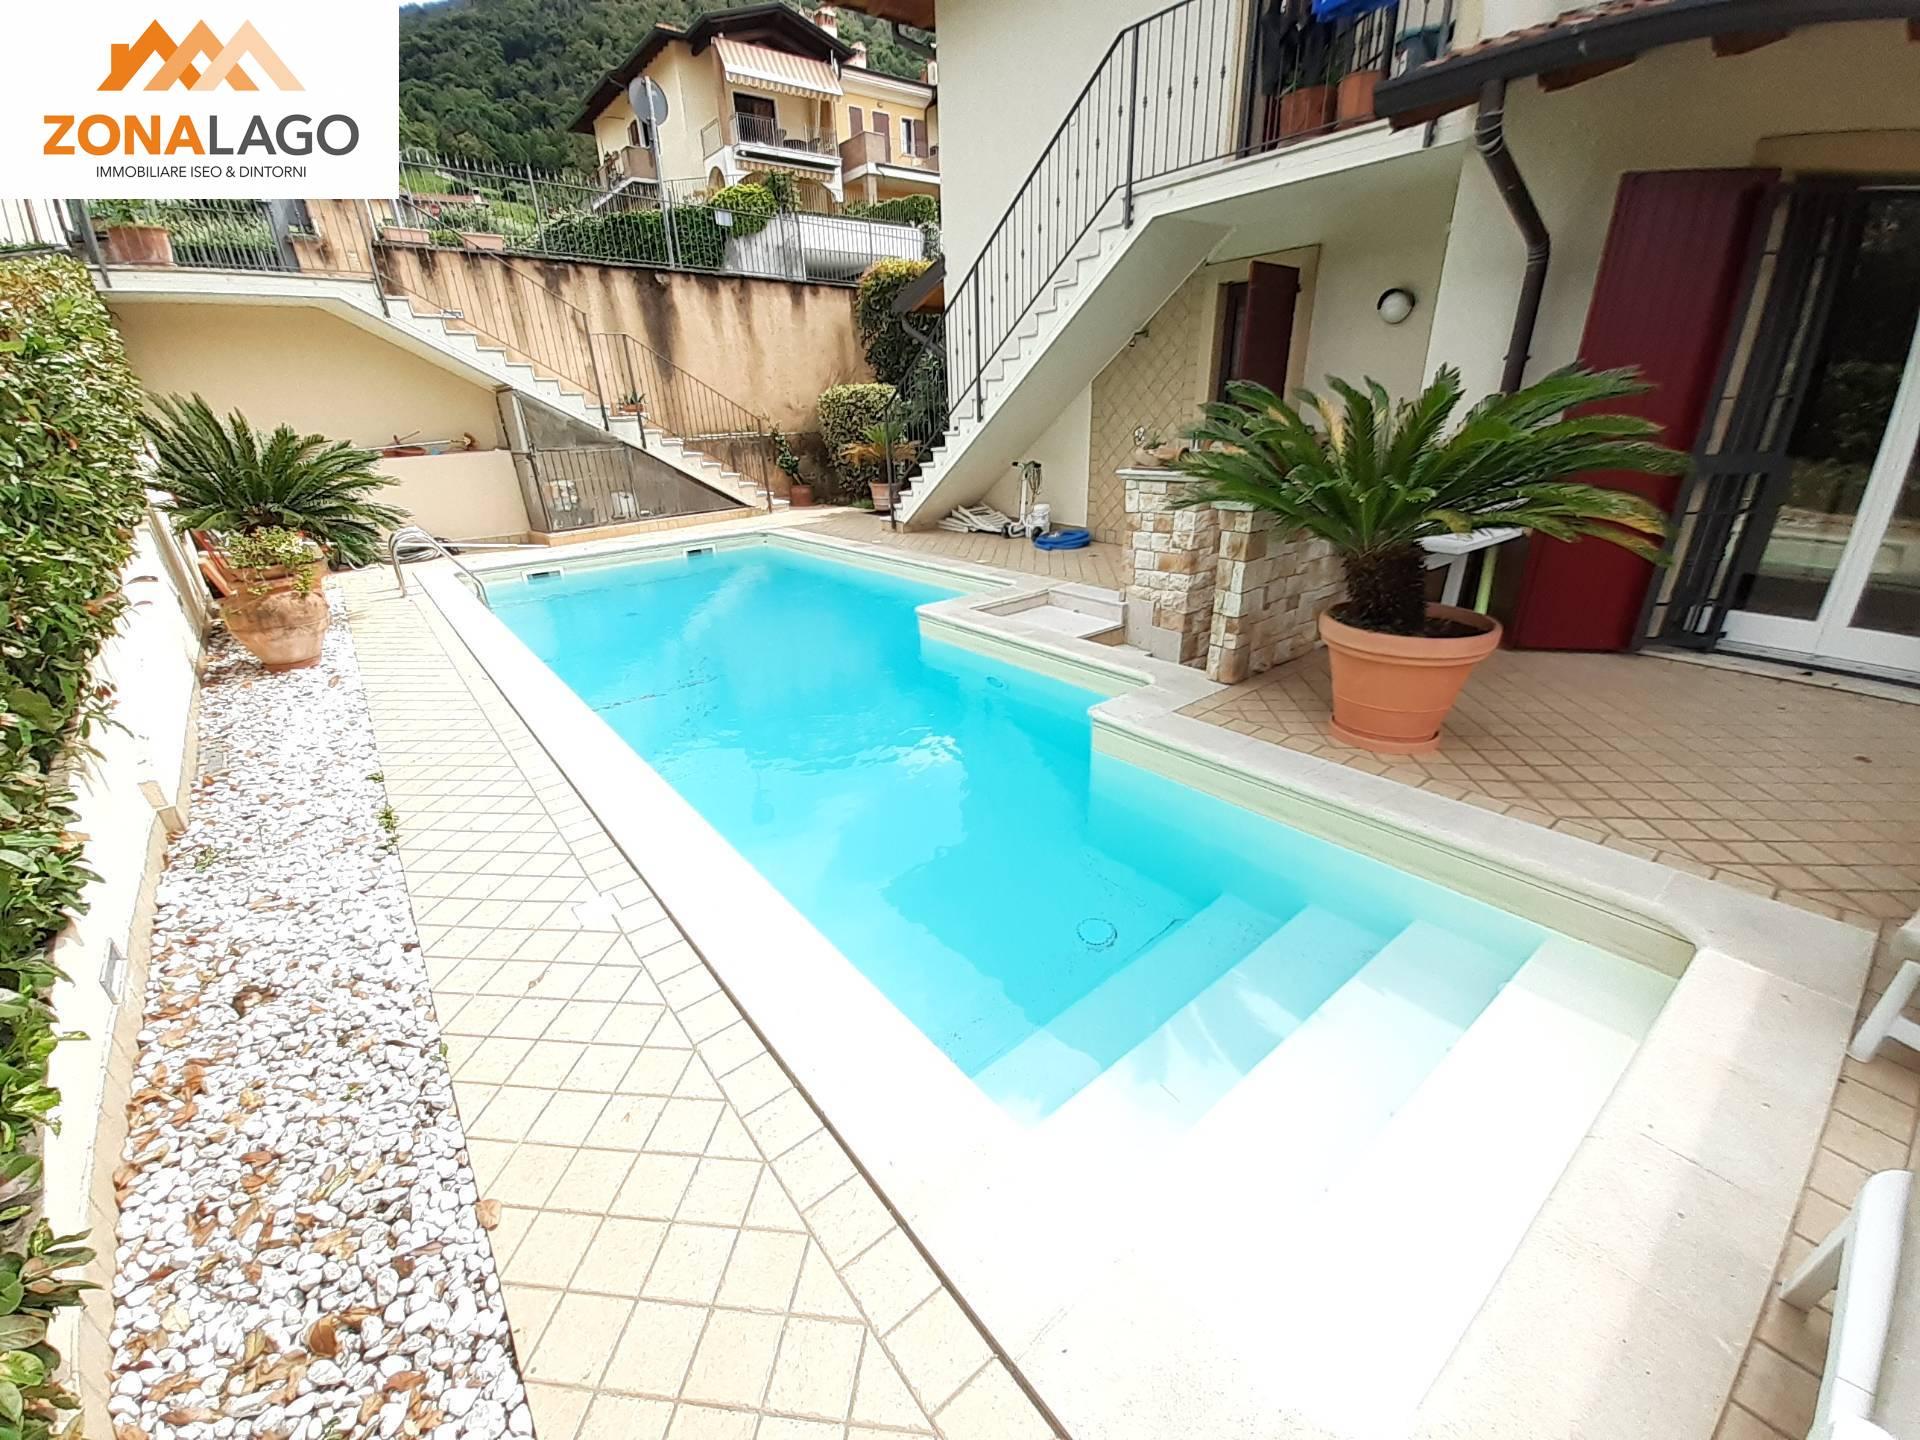 Villa in vendita a Sulzano, 6 locali, prezzo € 470.000 | PortaleAgenzieImmobiliari.it